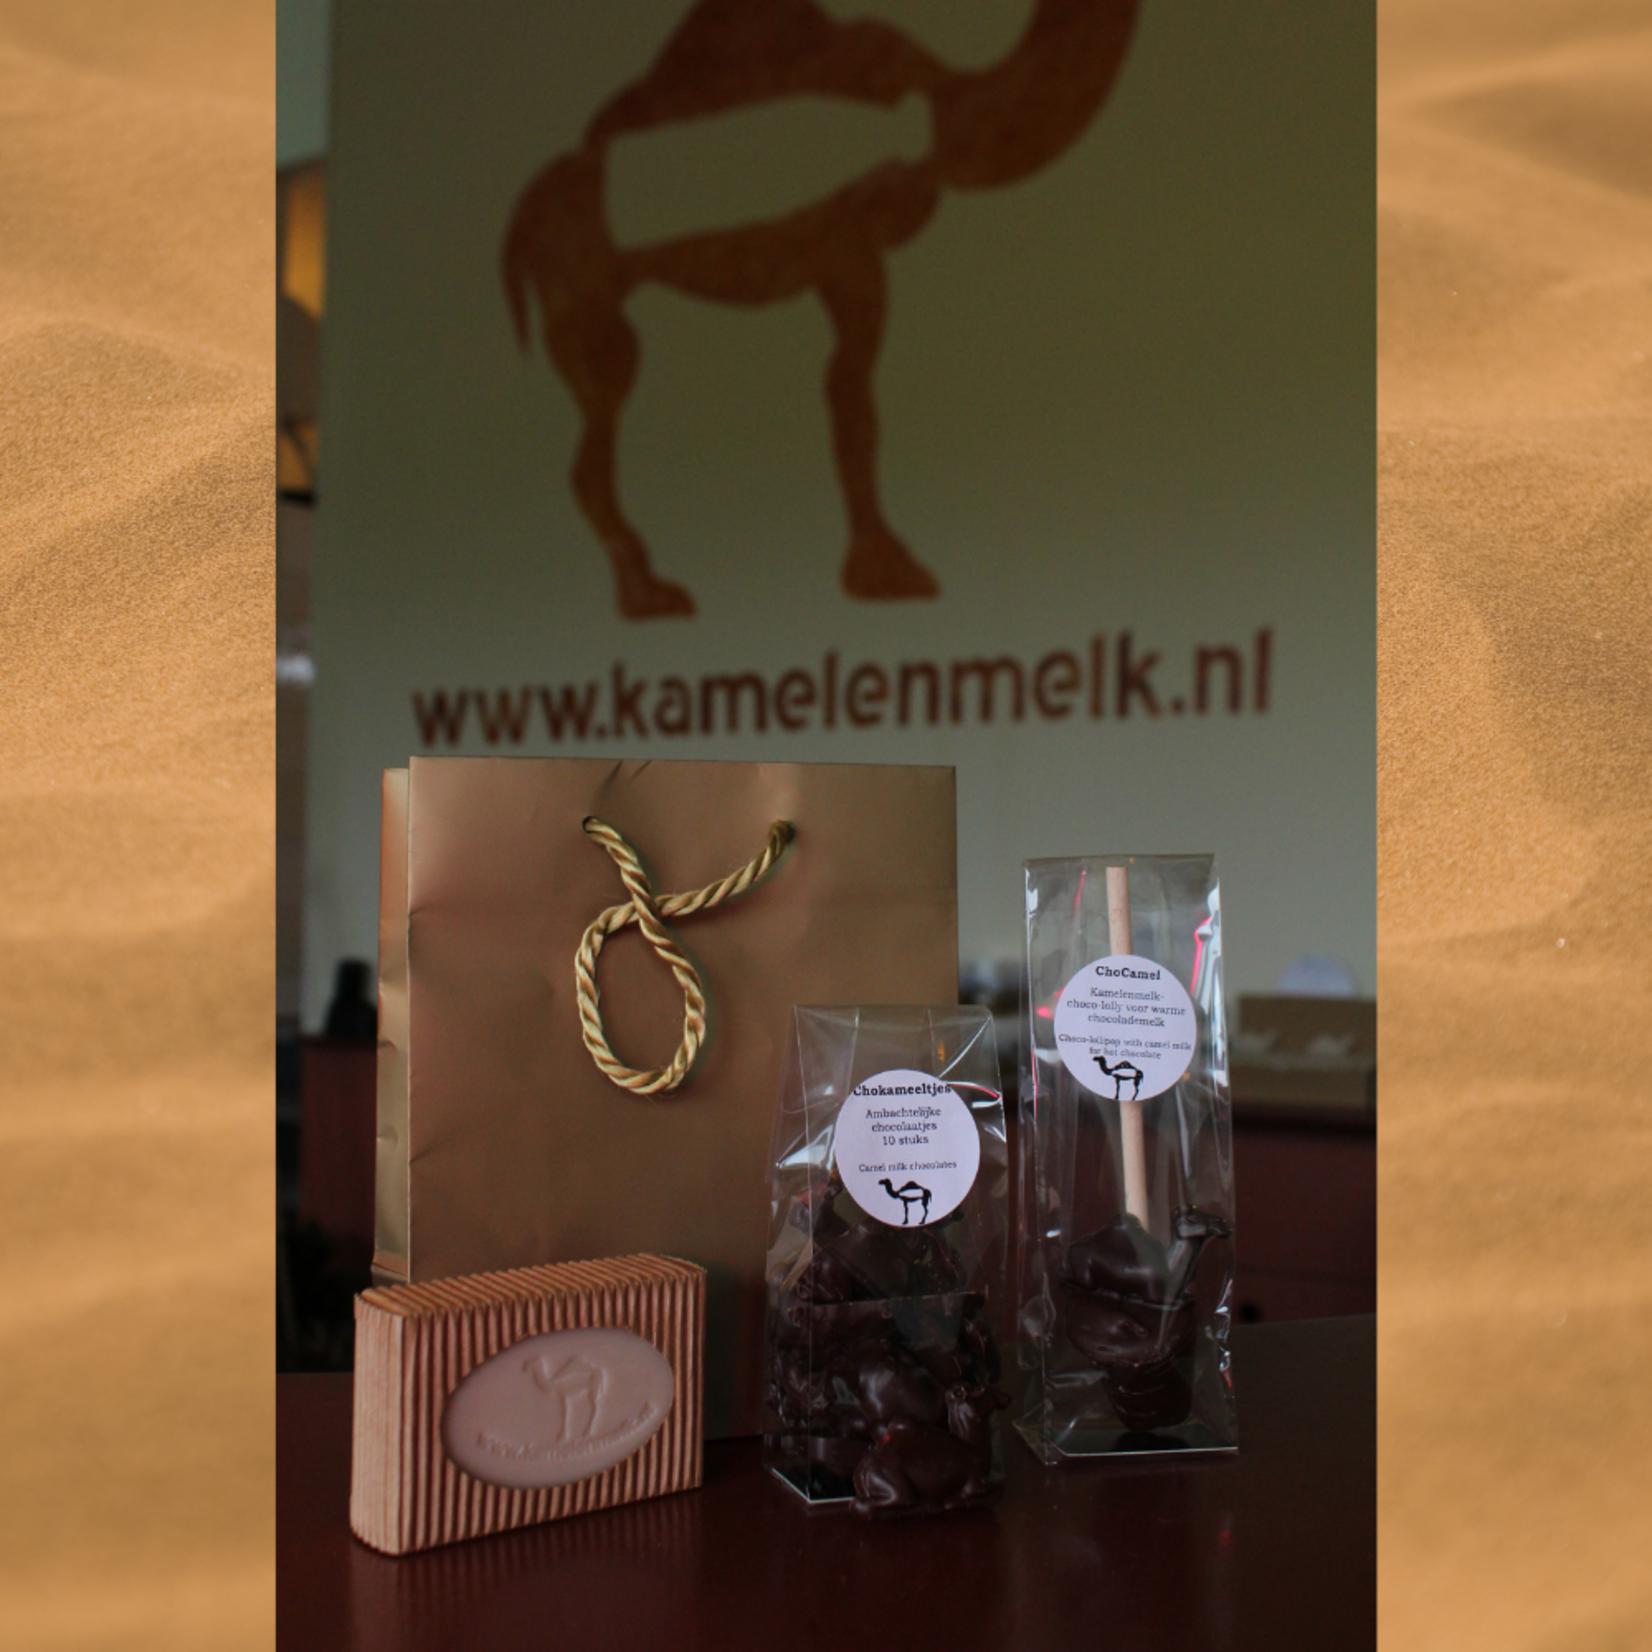 Paquet cadeau de chameau 1 avec du savon de chameau, des jambons et une sucette au chocolat